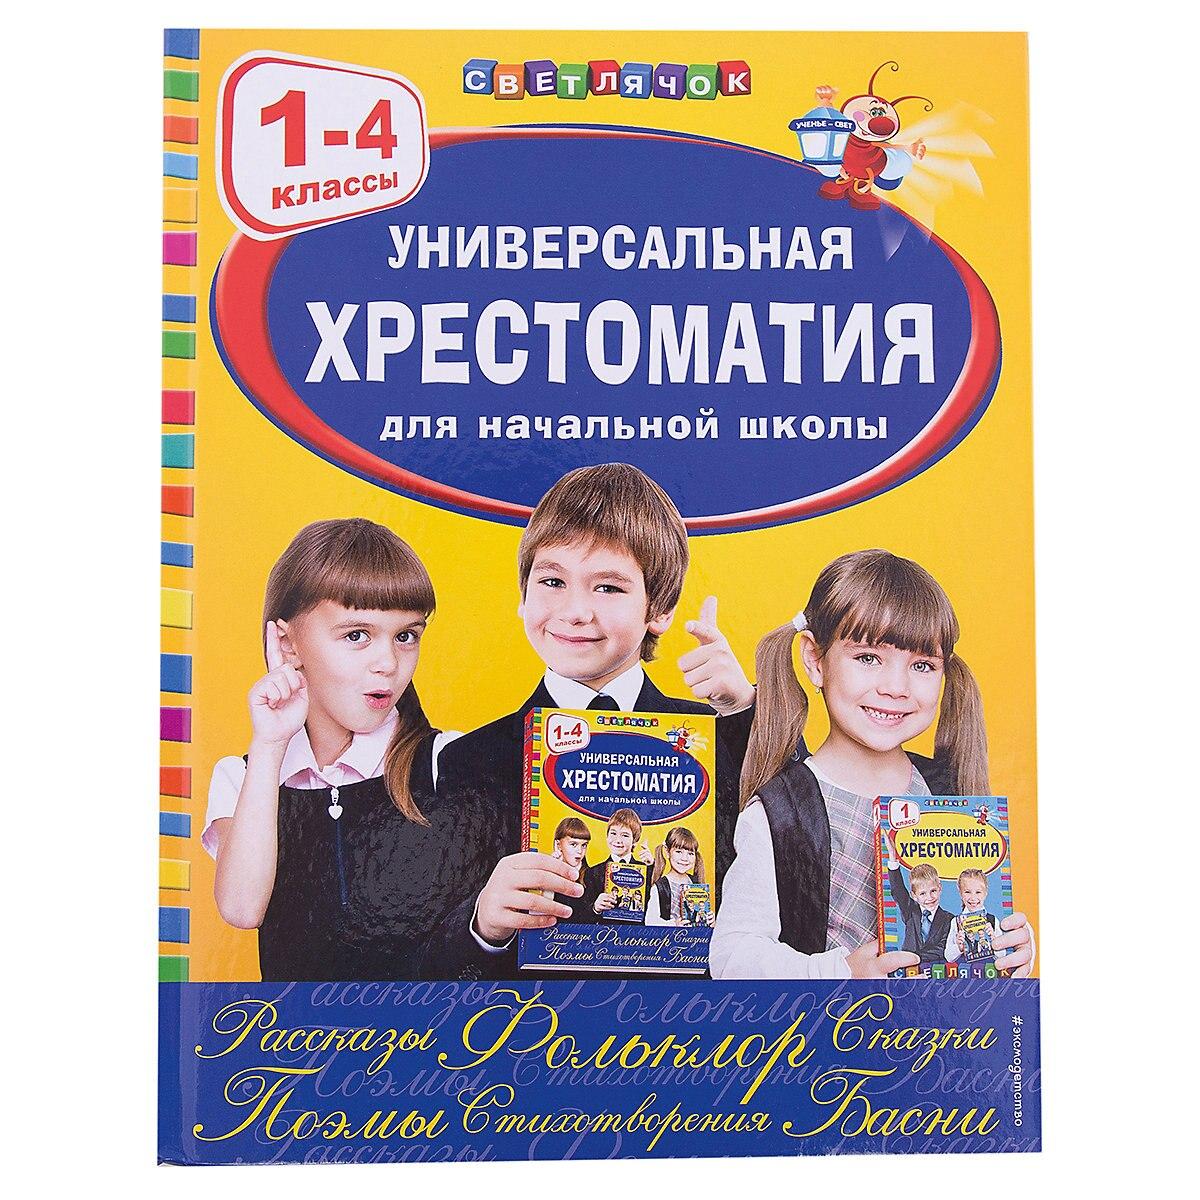 Livres EKSMO 5535480 enfants éducation encyclopédie alphabet dictionnaire livre pour bébé MTpromo